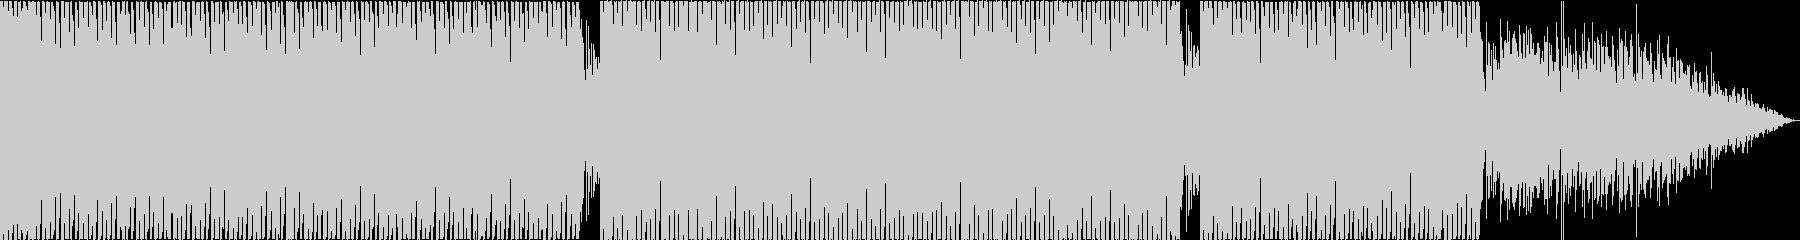 穏やかなハウスビートを用いたアンビエントの未再生の波形